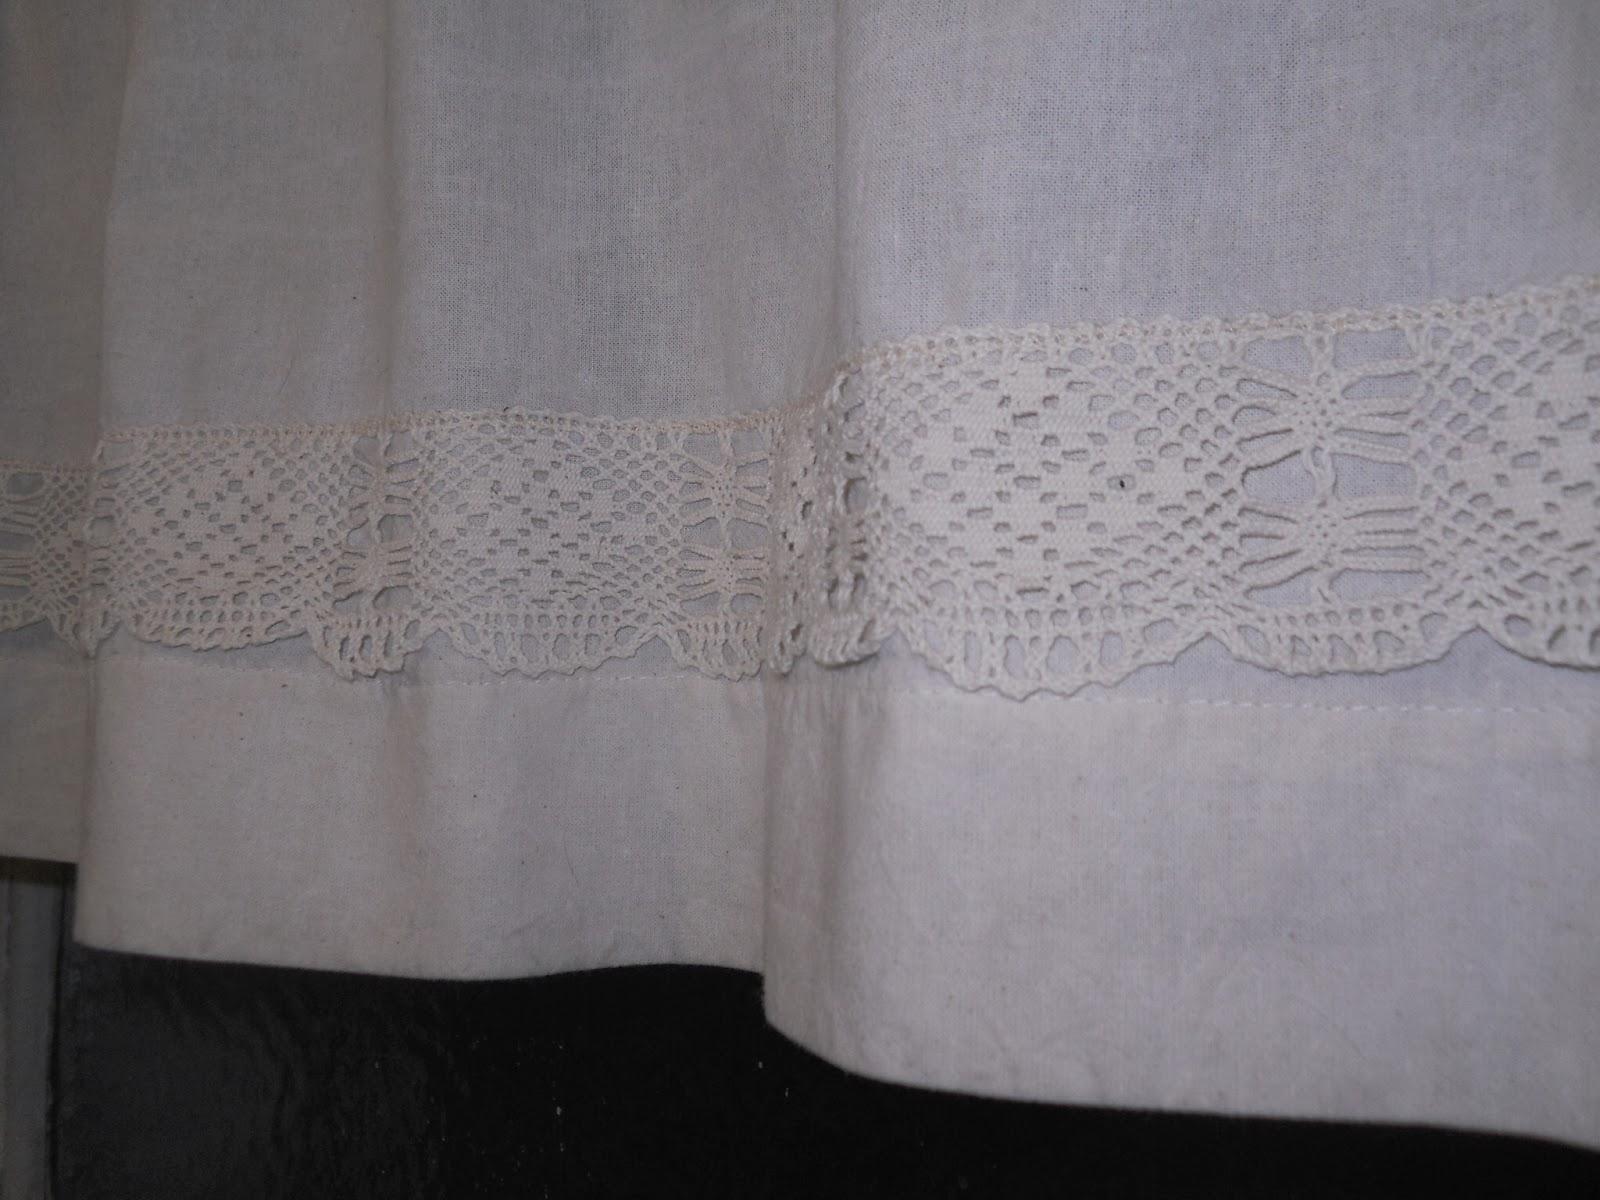 Alquimia de telas cortinas y visillos - Tela visillos para cortinas ...